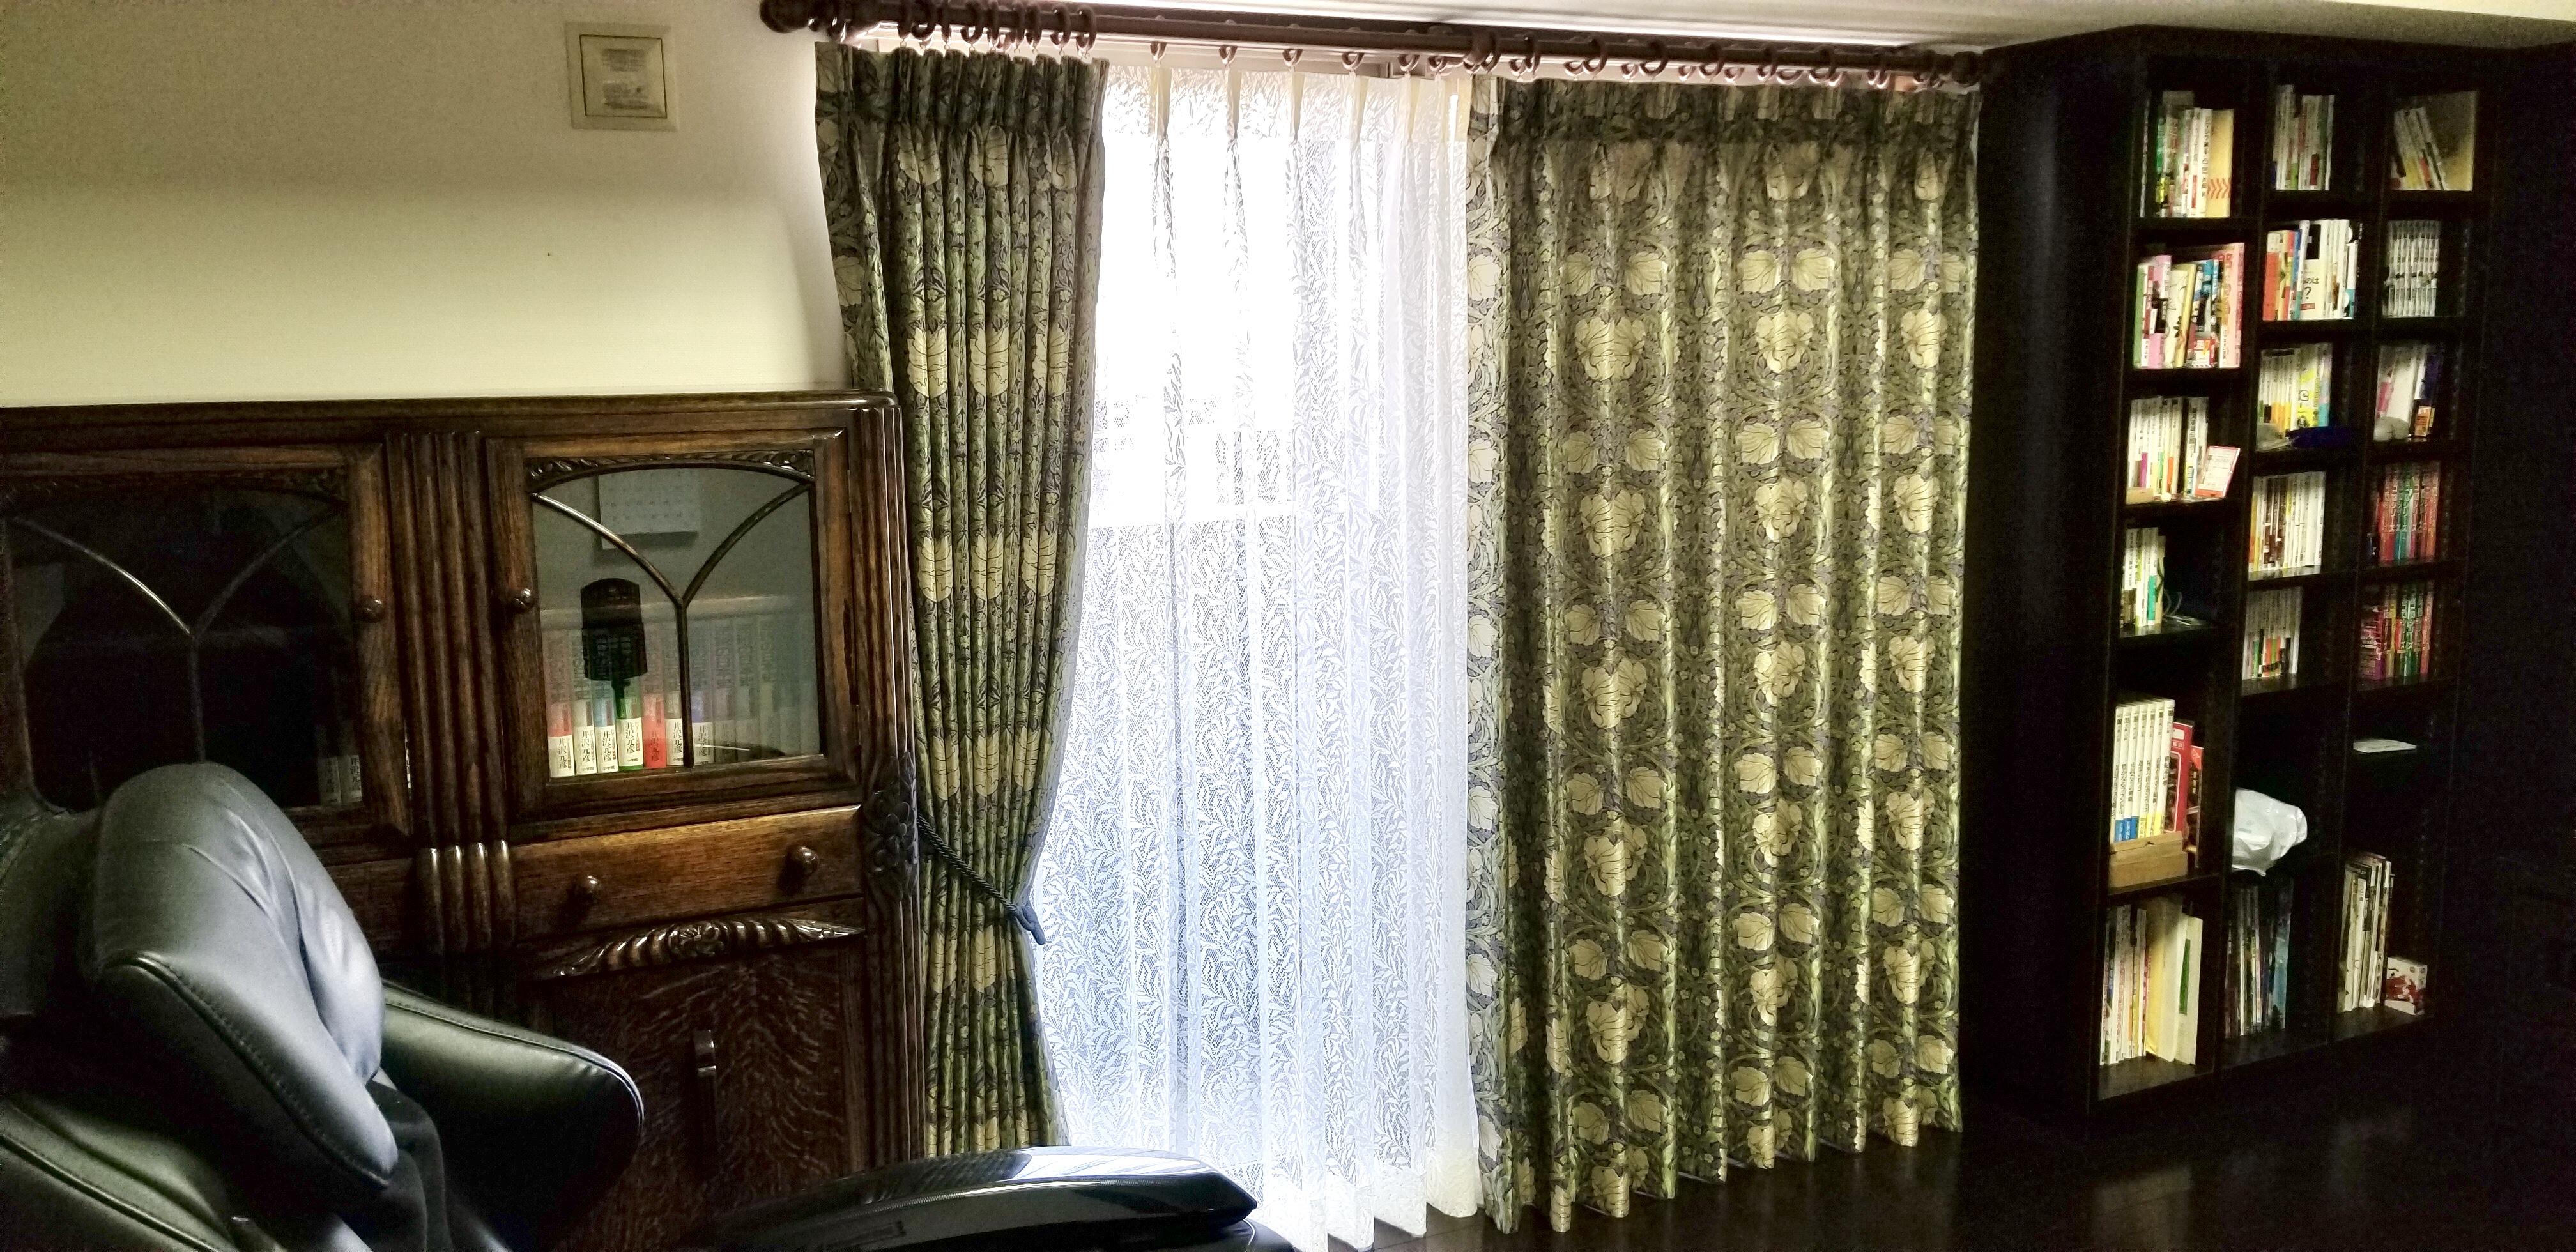 アンティーク家具とウィリアムモリスのカーテン